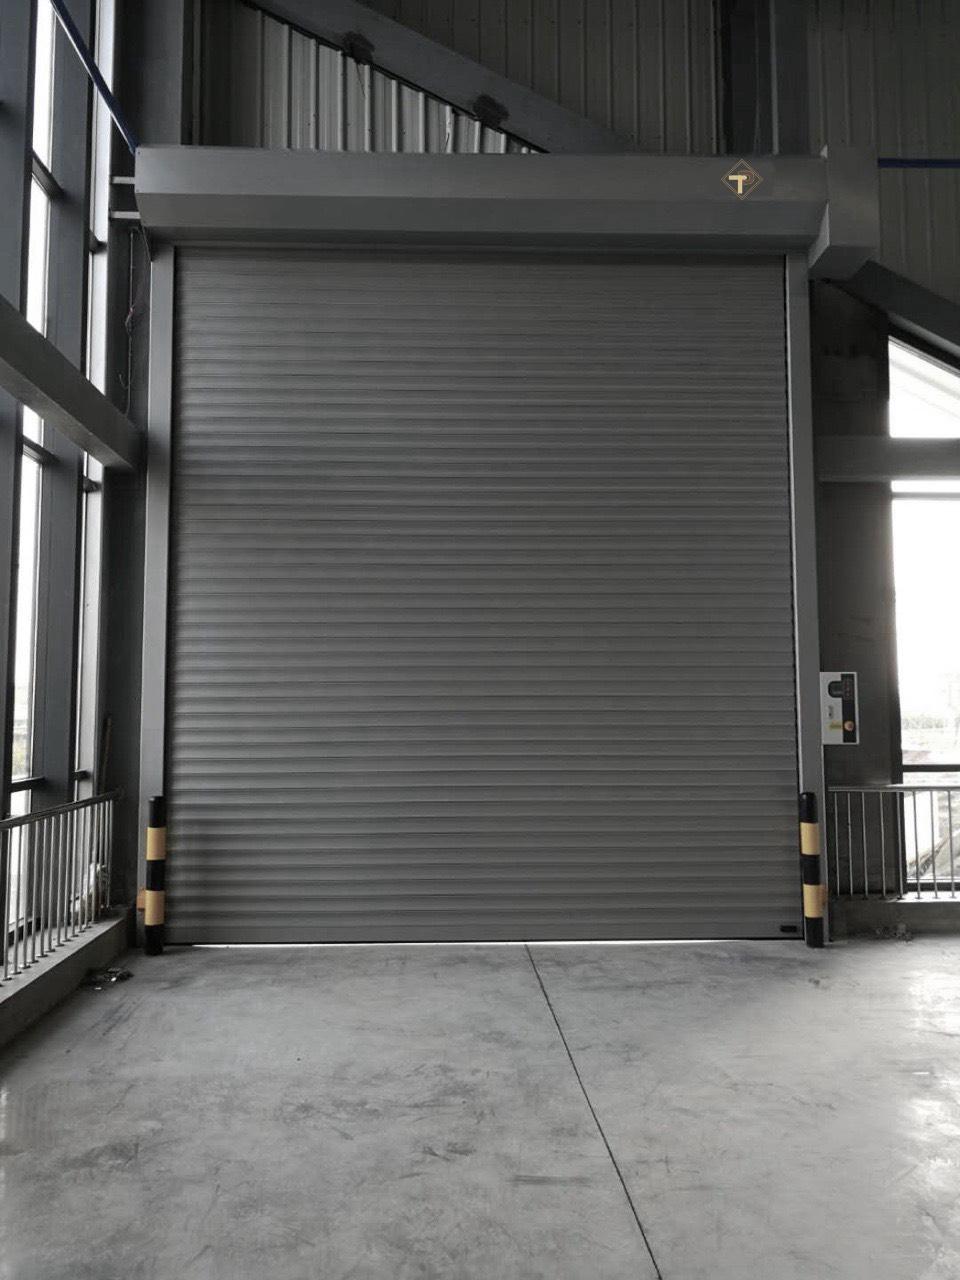 Sửa chữa lắp đặt cửa cuốn nhà xưởng: Địa chỉ nào uy tín và bảo hành thế nào sau sửa chữa?